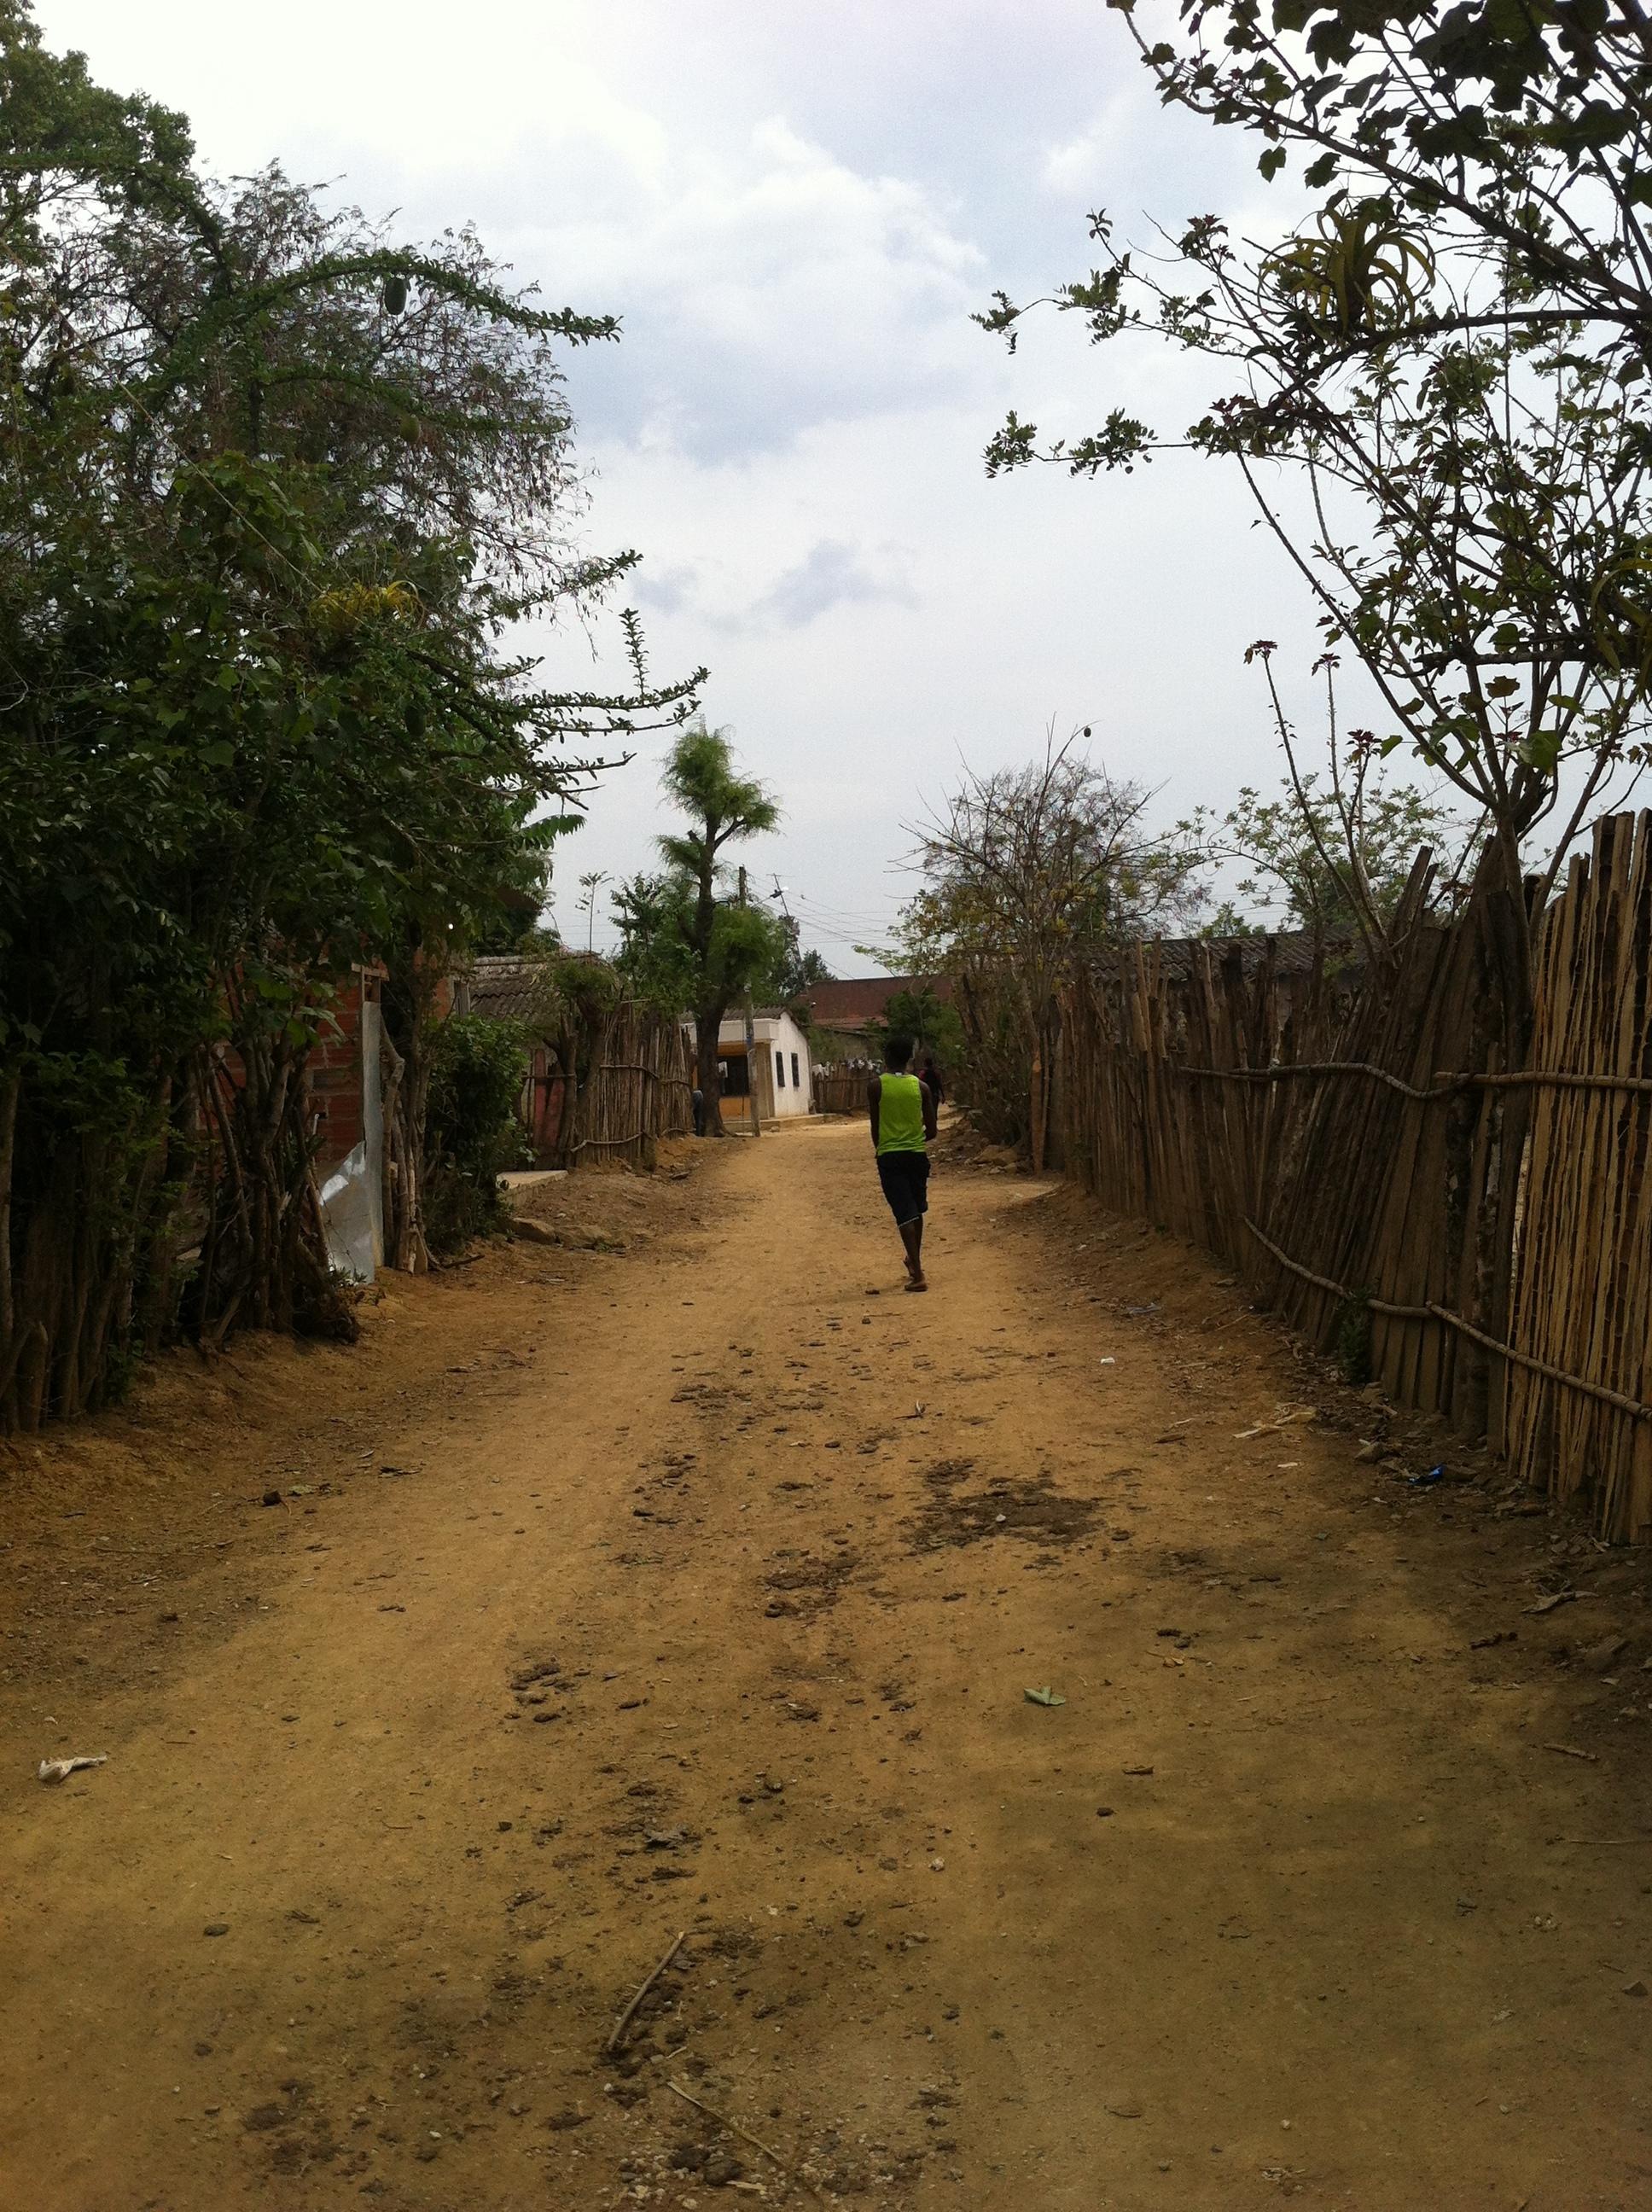 La calle que conduce a la casa cultural, donde queda Palenque Studio, el estudio donde Kombilesa Mi grabó su álbum y la sede de Kuchá Suto, el colectivo de Comunicaciones de Palenque que menciona Andris. (Foto de archivo personal de Laura)